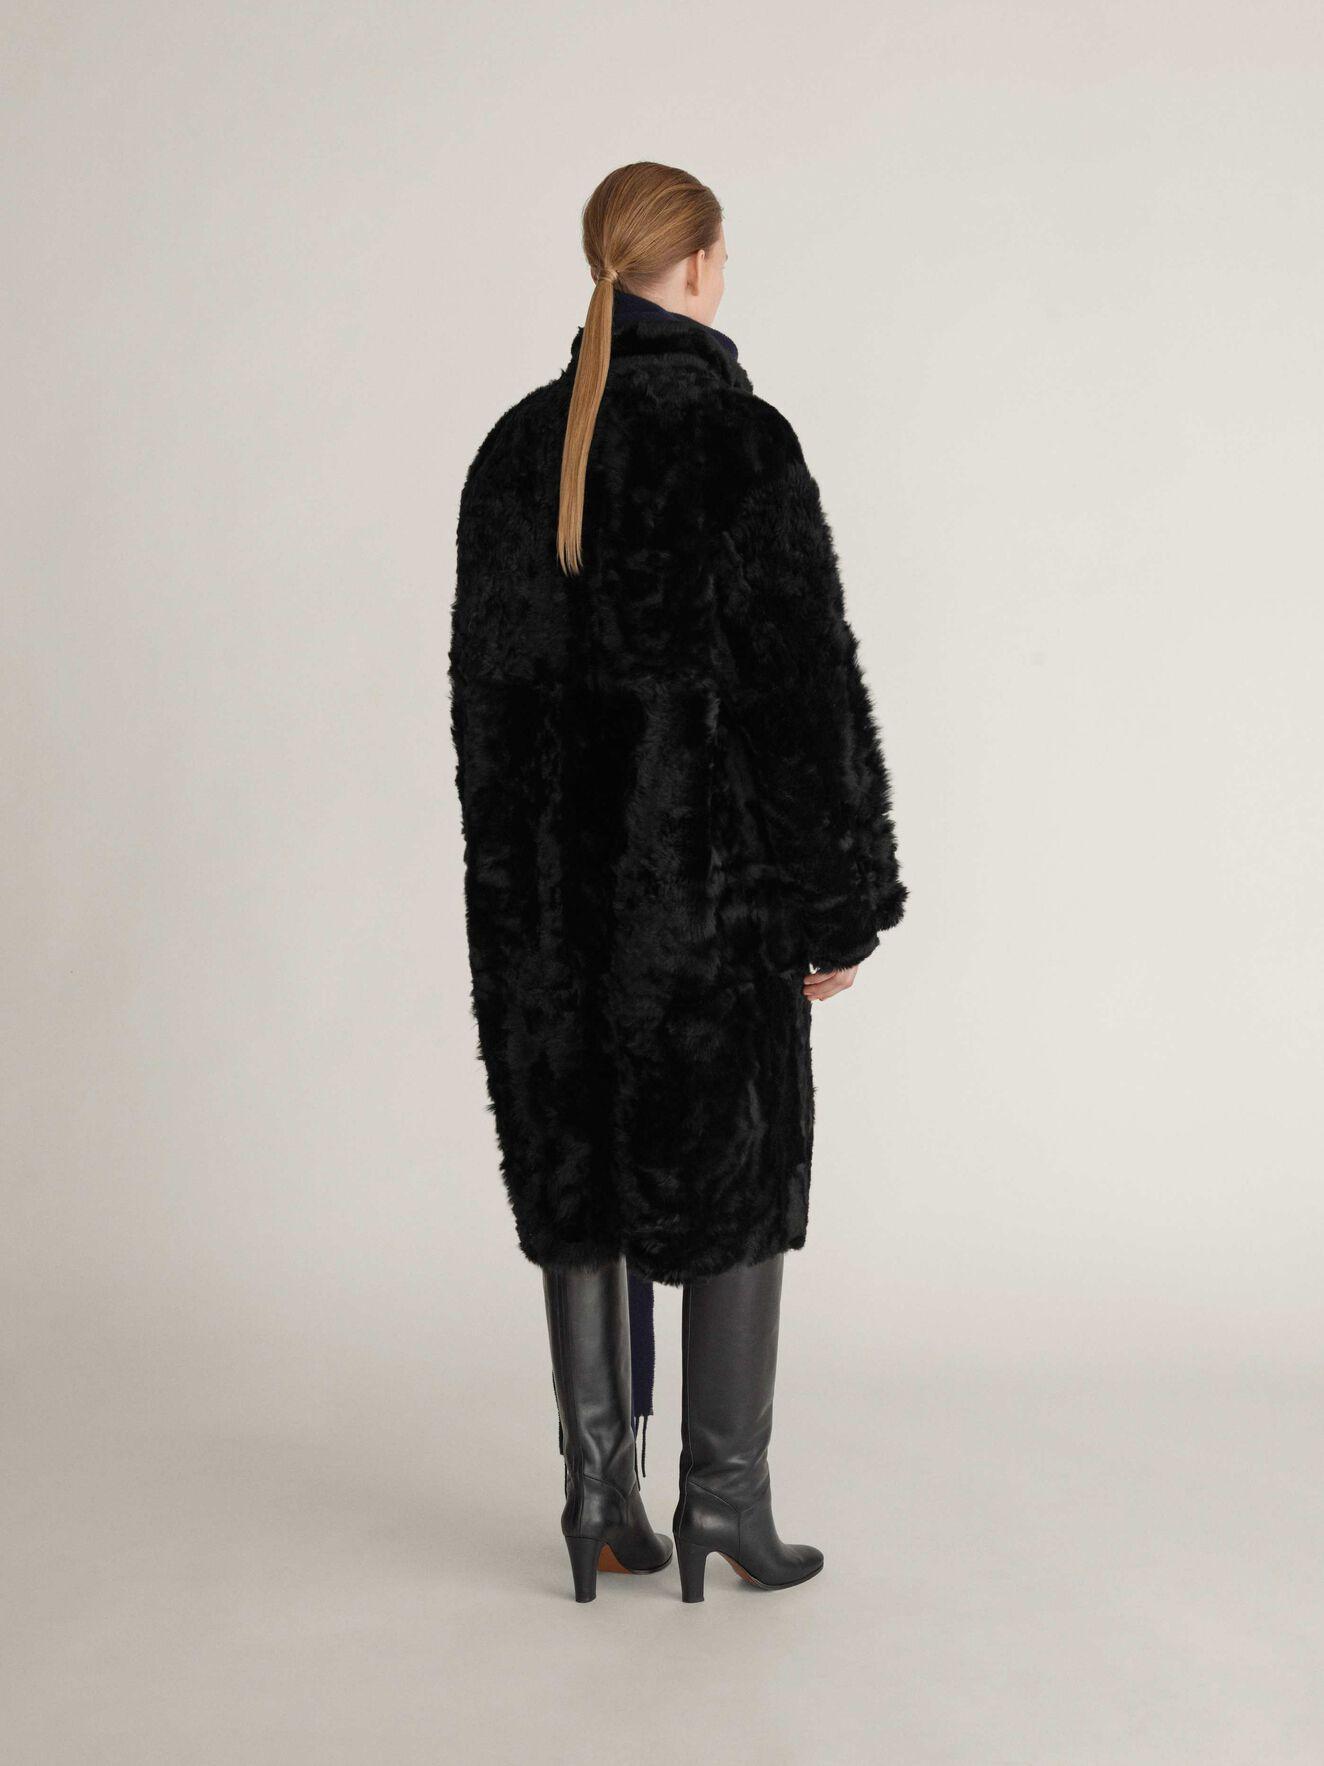 Klon Fur in Midnight Black from Tiger of Sweden